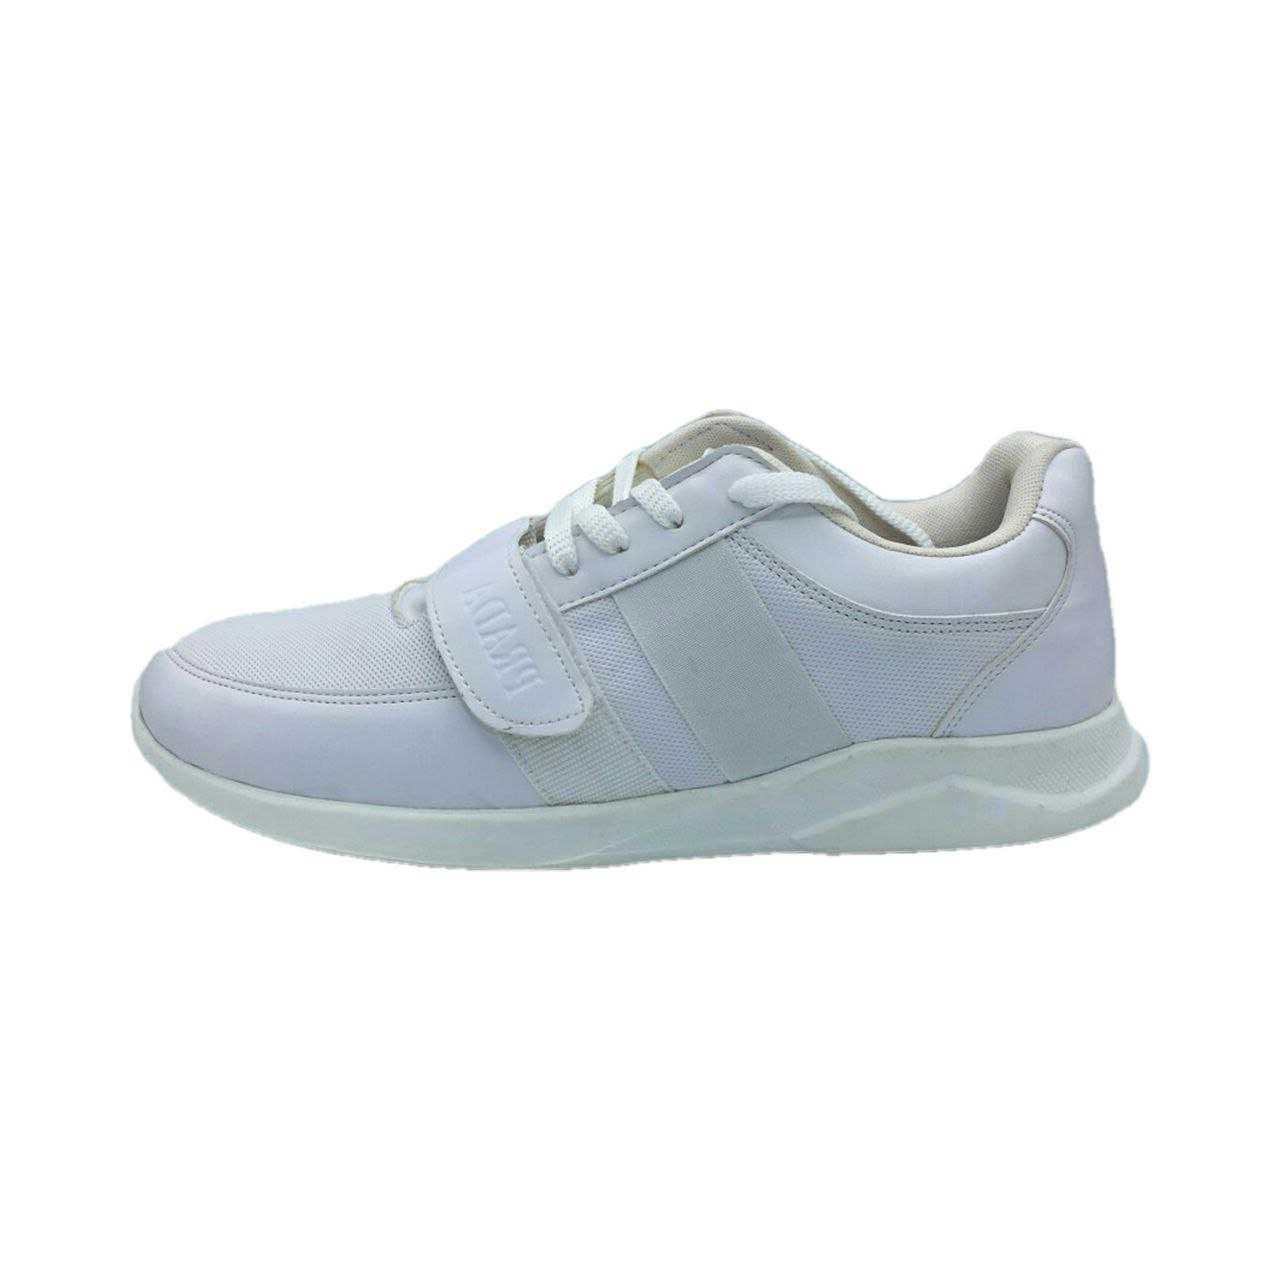 کفش مخصوص پیاده روی مردانه مدل  p05  رنگ سفید